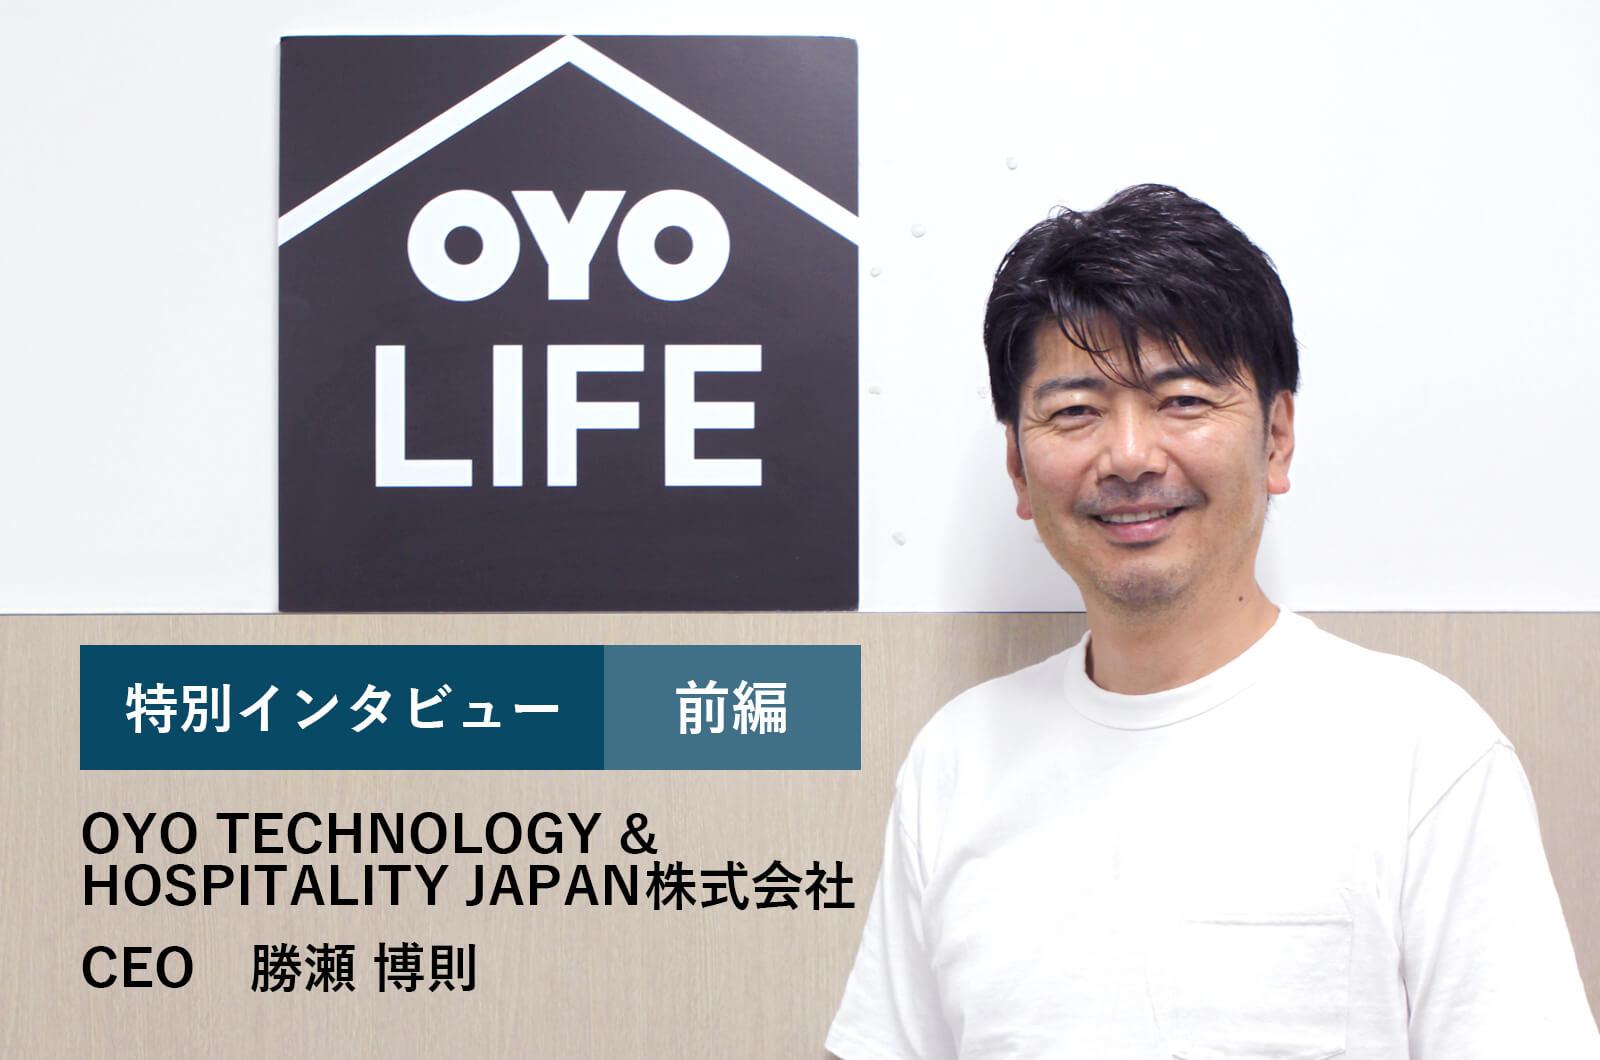 「ホテルの仕組みを導入すれば、賃貸はもっと便利になる」~ OYO LIFEの誕生につながった「賃貸ビジネス」への疑問とは?